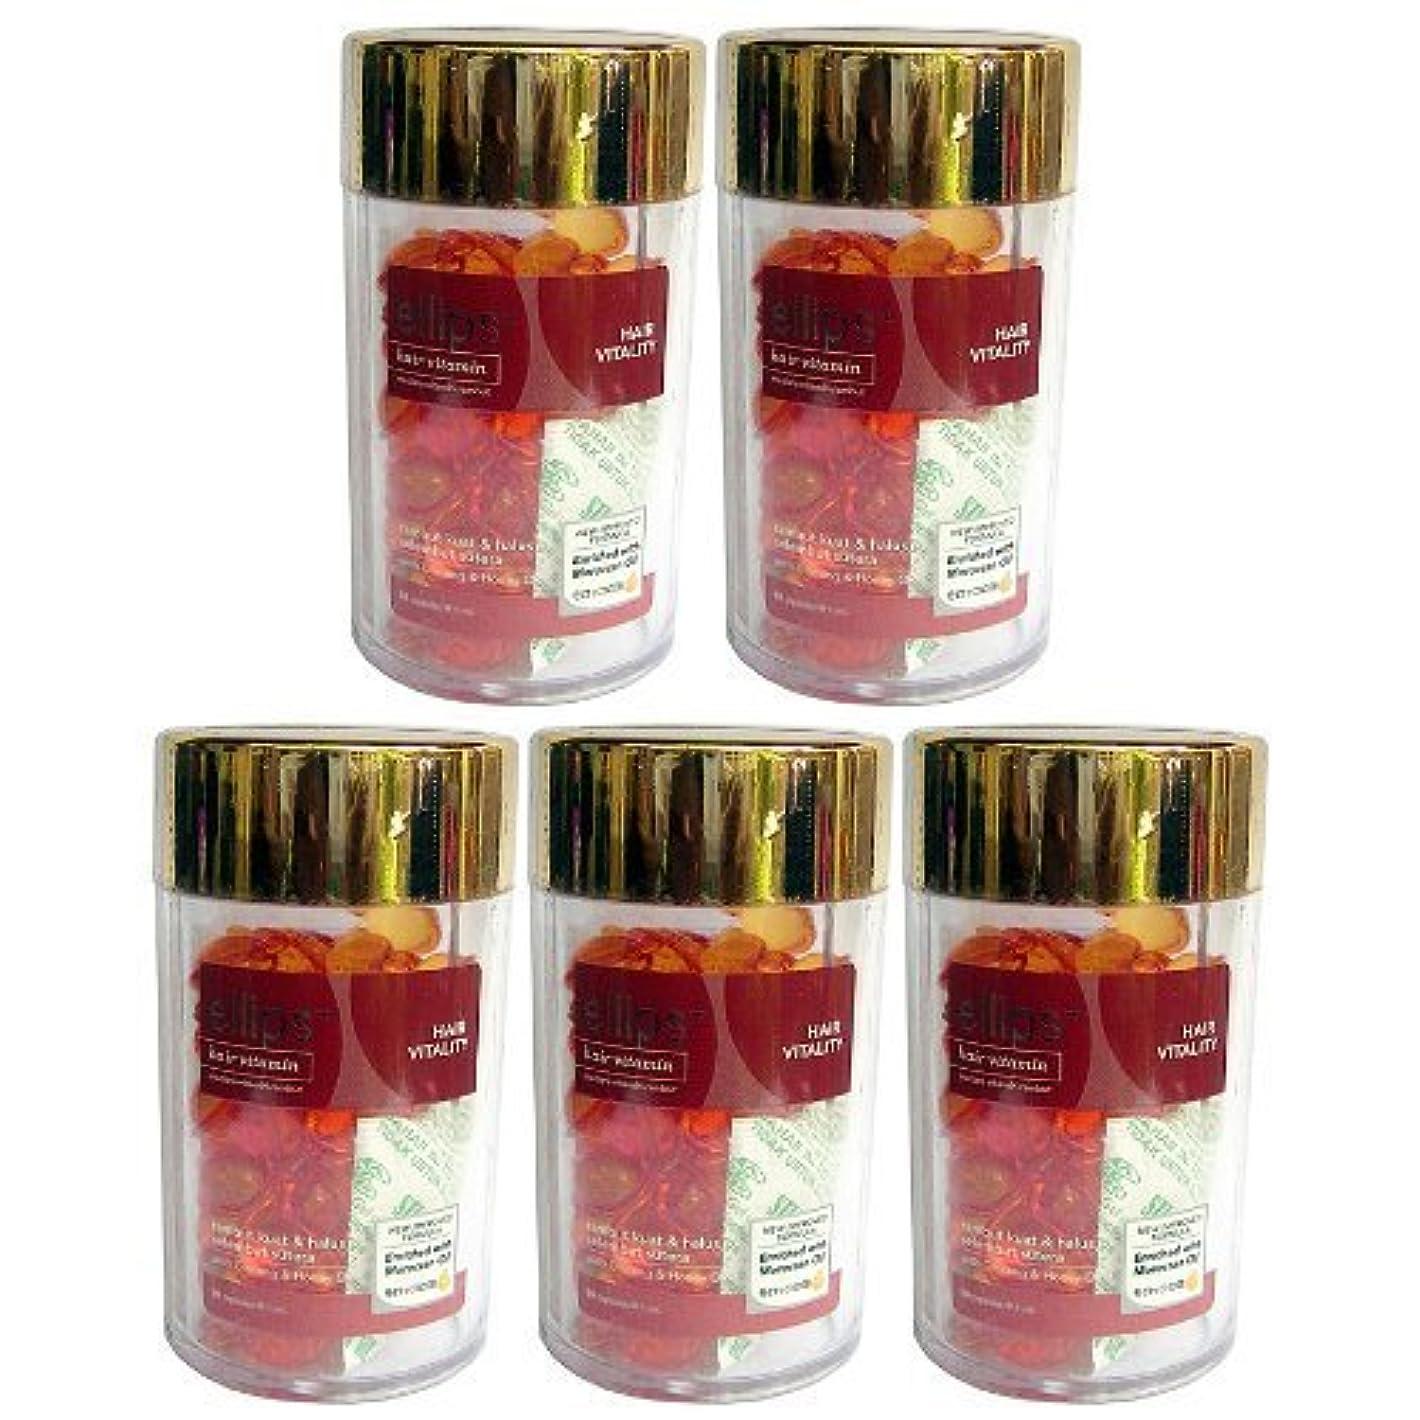 彼女のドループ冊子Ellips(エリプス)ヘアビタミン(50粒入)5個セット [並行輸入品][海外直送品] ブラウン